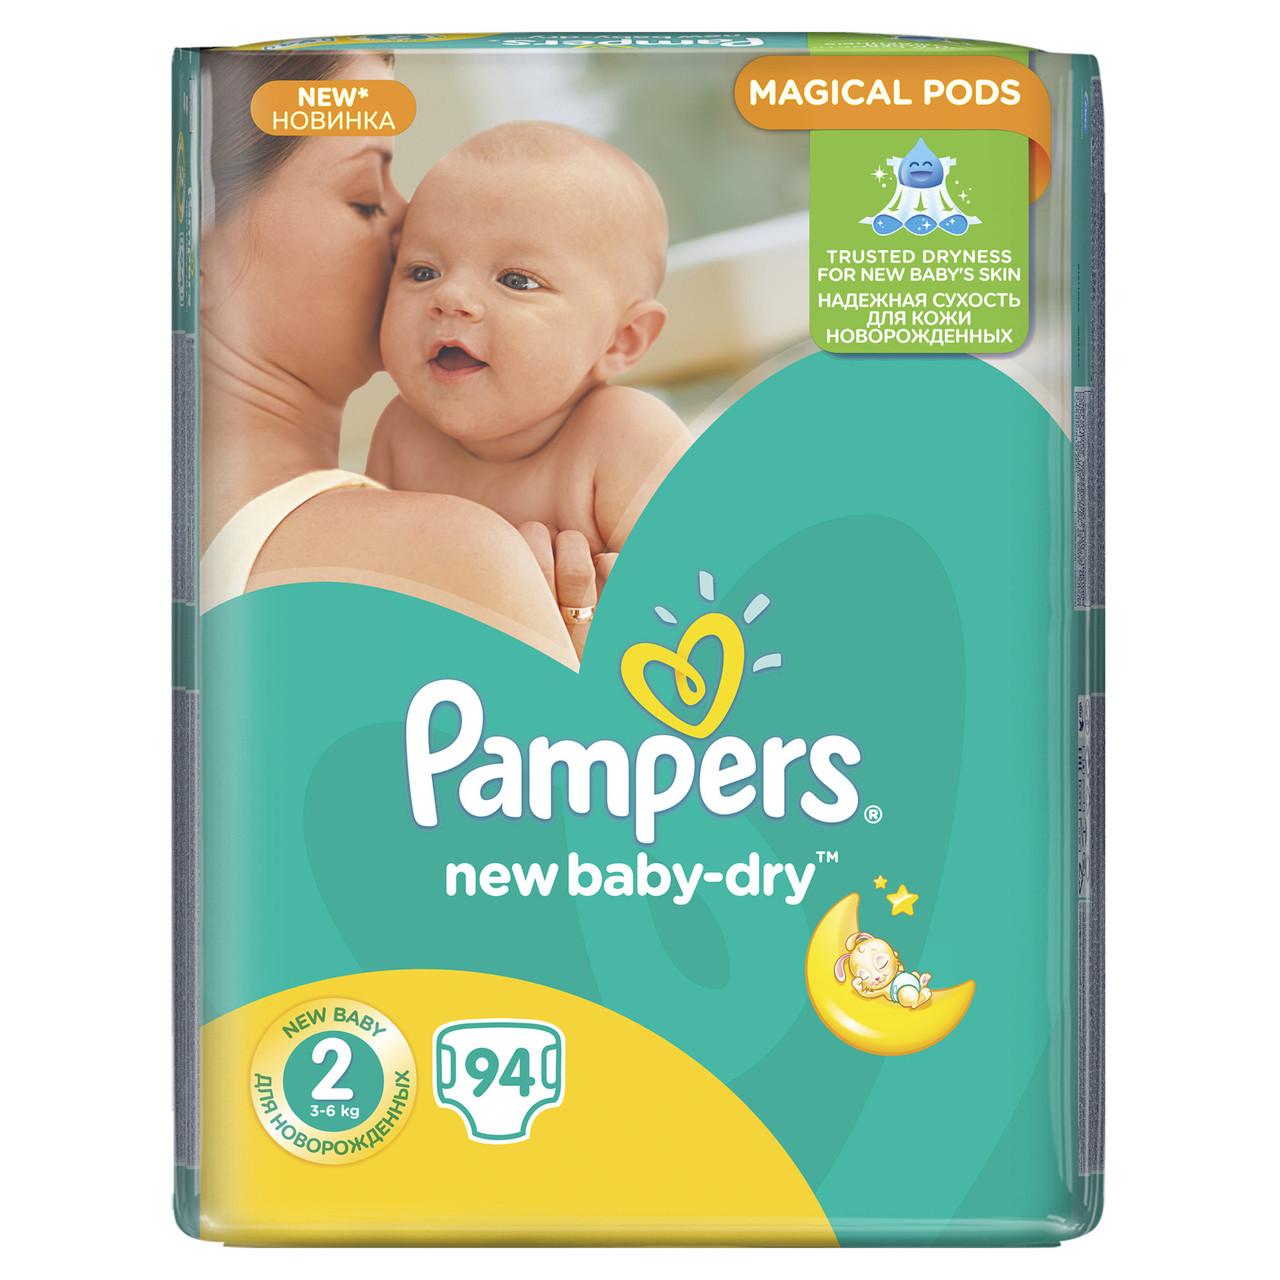 Подгузники Pampers New Baby-Dry Размер 2 (Mini) 3-6 кг, 94 шт - МОЯ ЛАВКА в Киеве